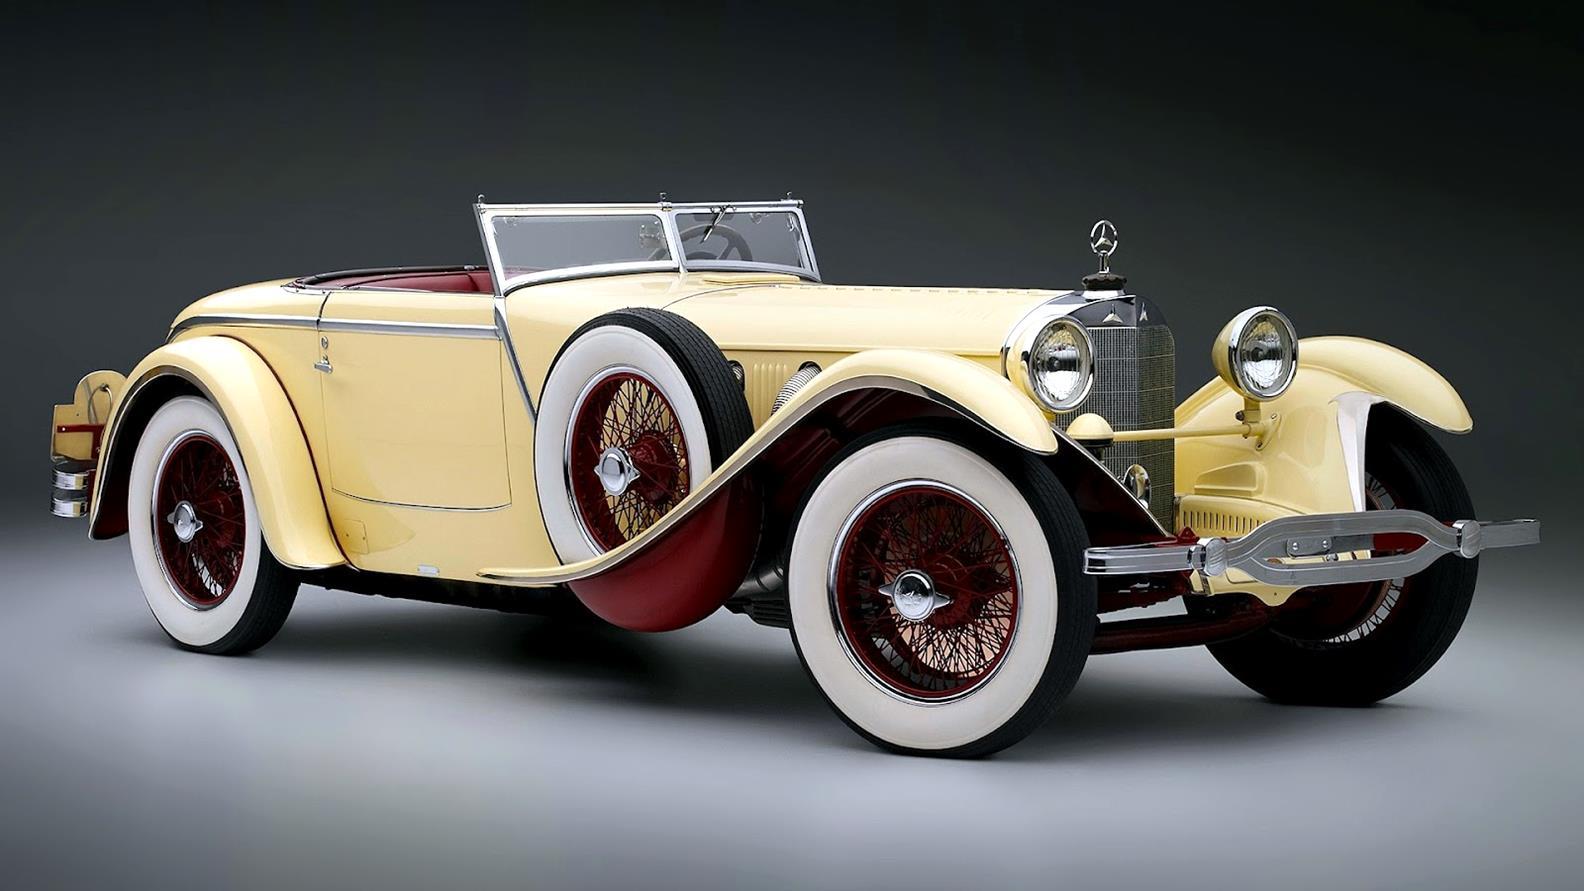 30 The Best Vintage Cars | Sky Rye Design